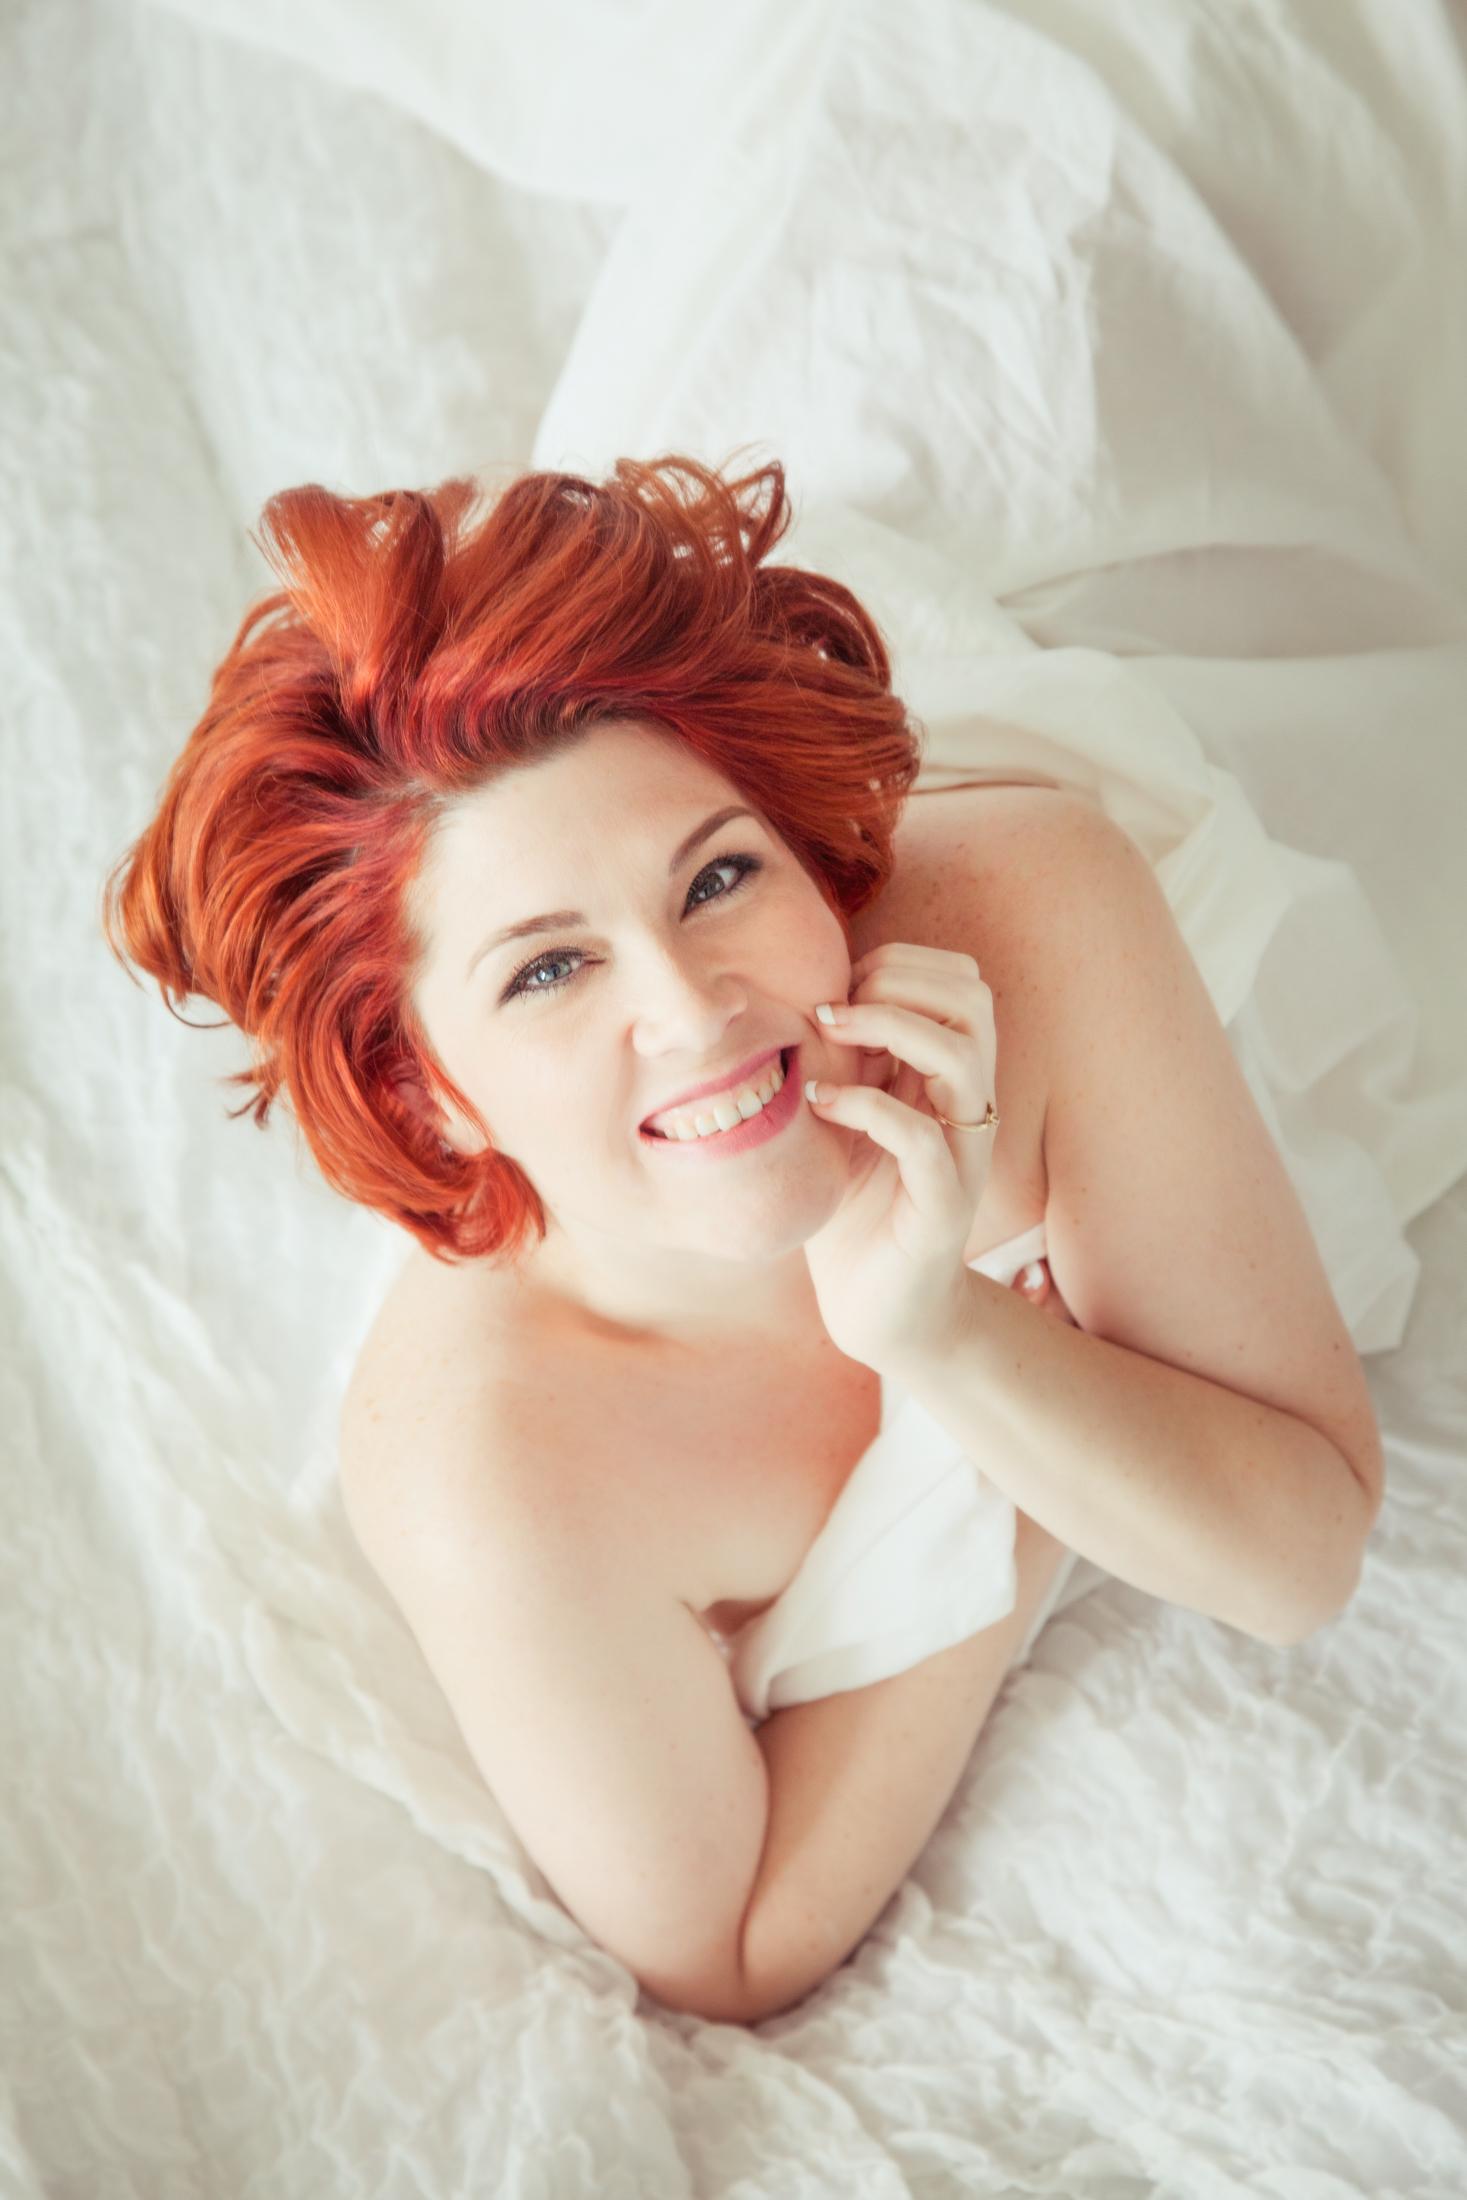 Becky-Marilyn Monroe 040-3.jpg